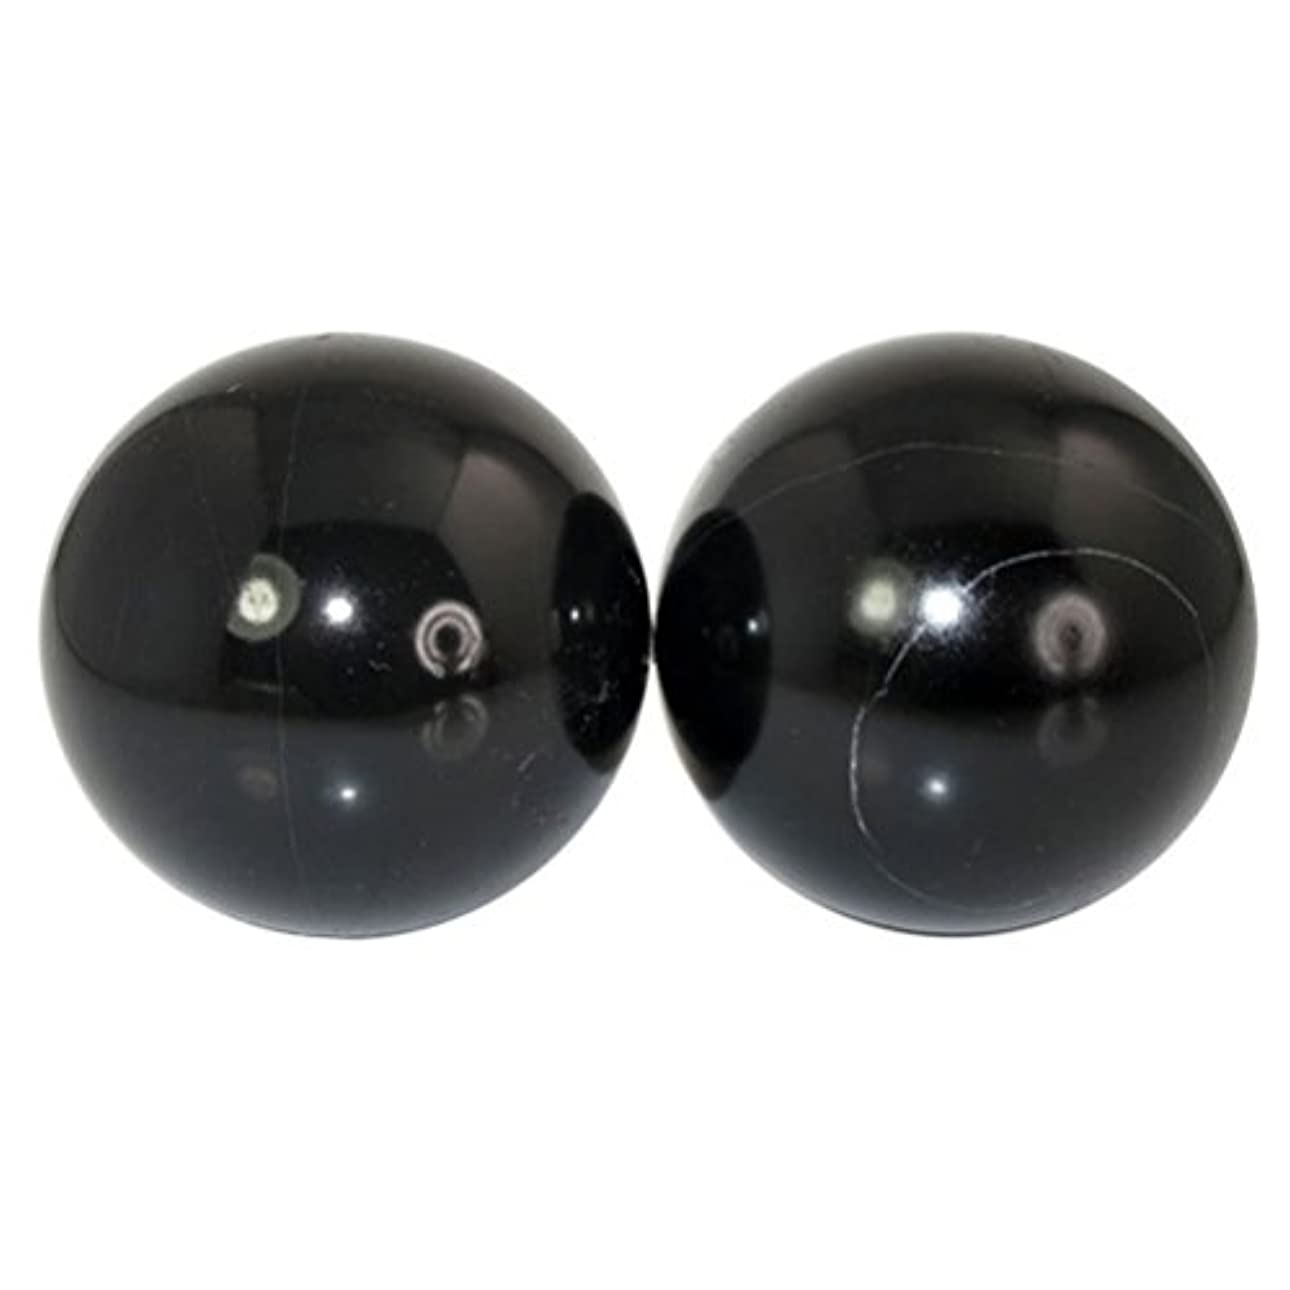 真空人工的なホステスROSENICE 2本の天然石マッサージボール瞑想フィットネスハンドエクササイズヒーリングボール(手治療用)ストレスレリーフ(黒)